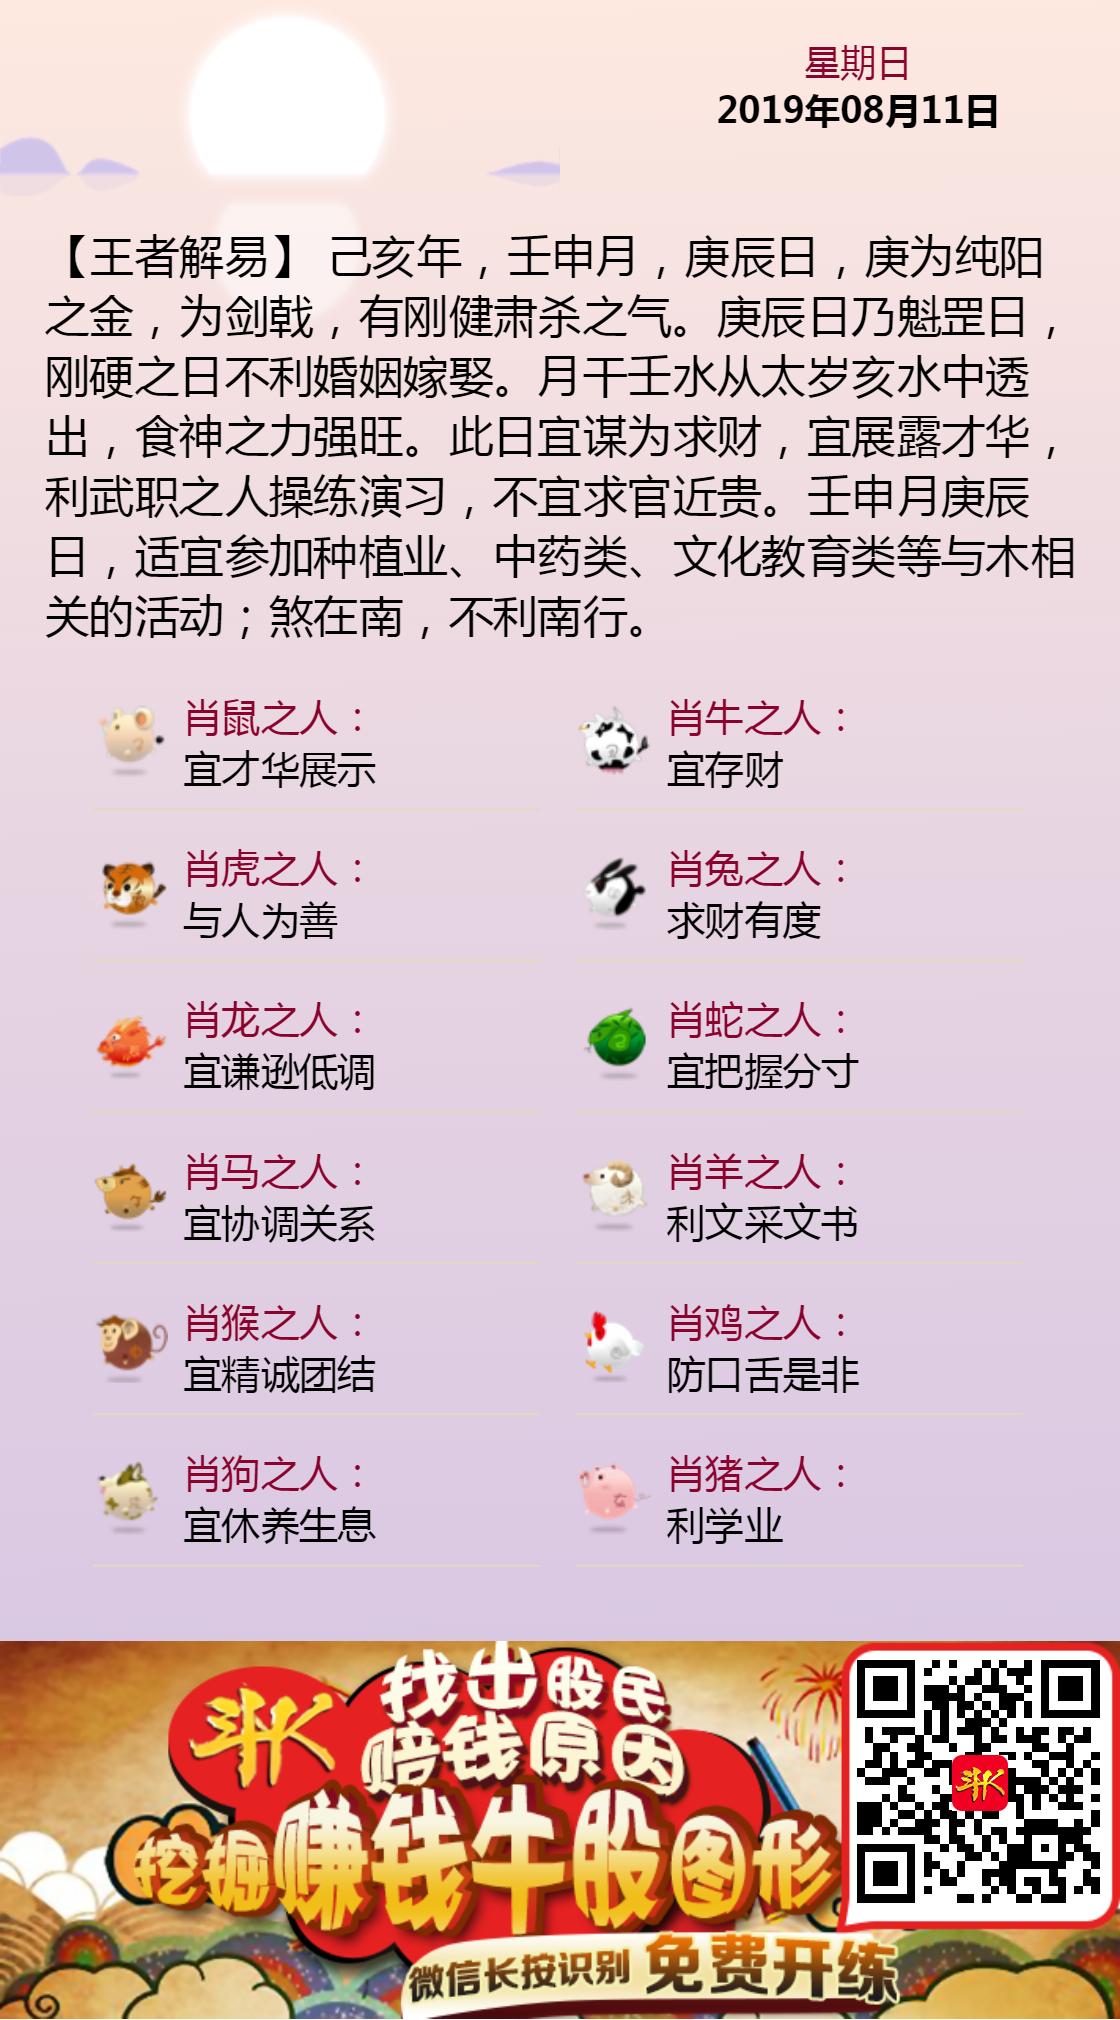 2019.8.11黄历斗K.png